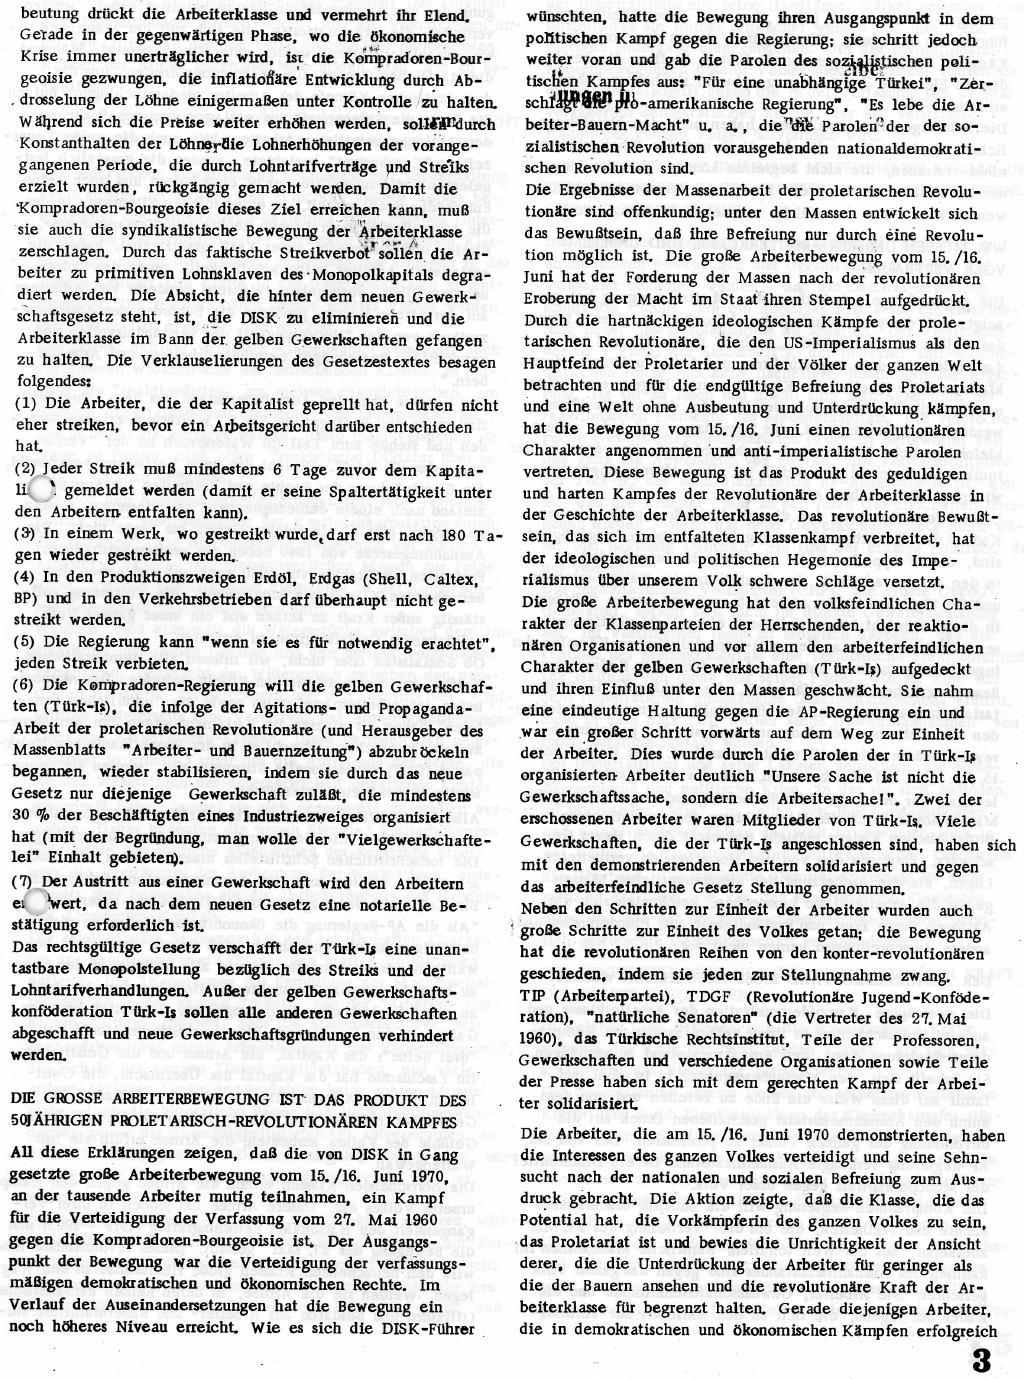 RPK_1970_072_03